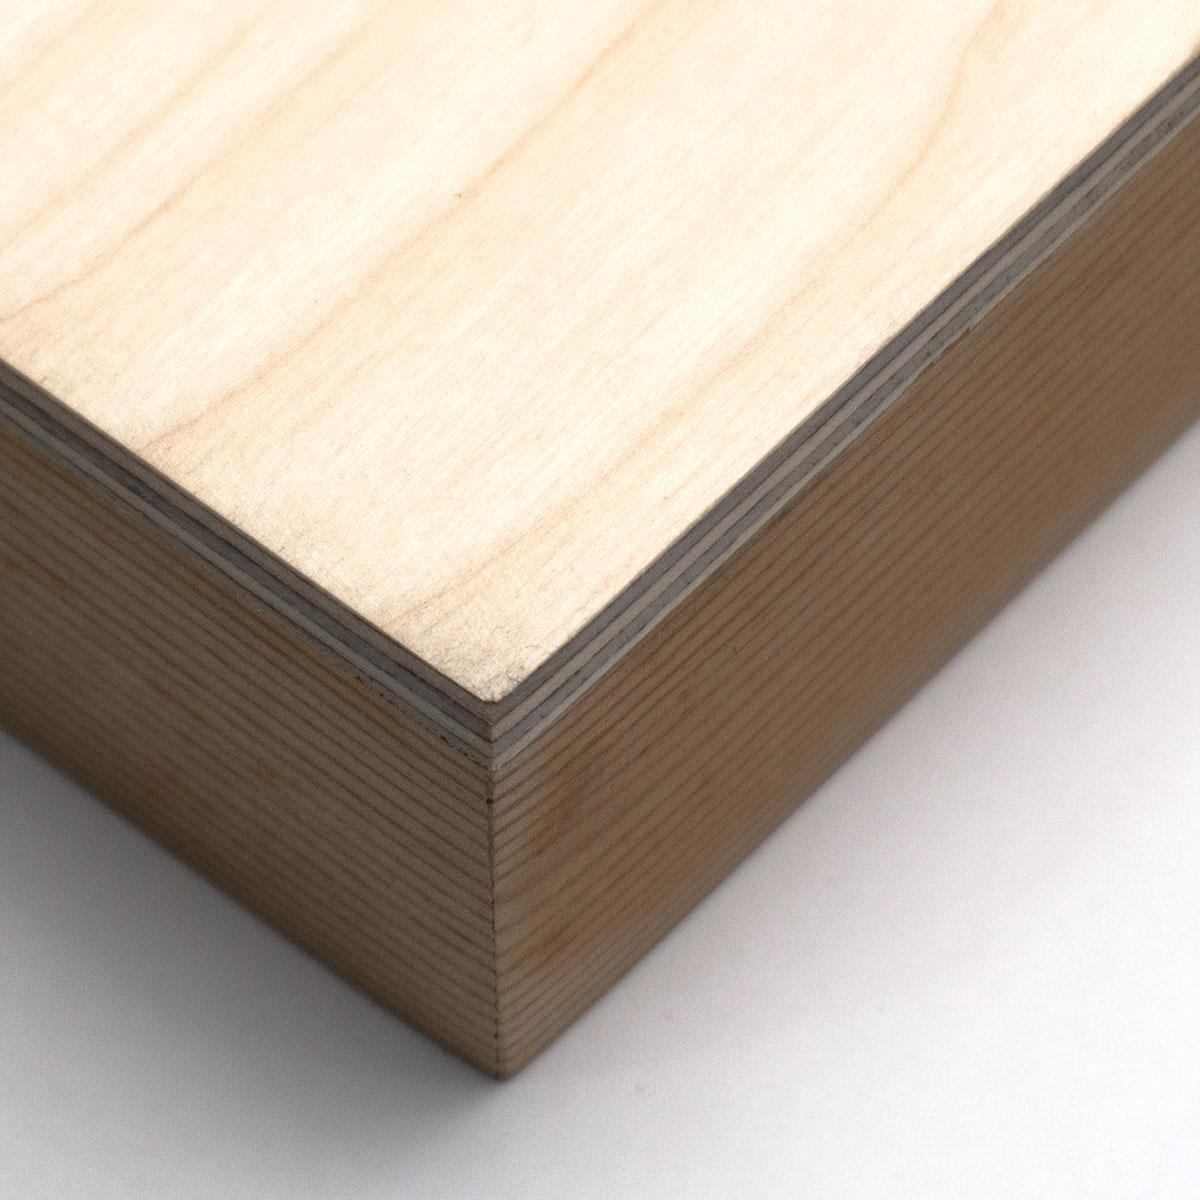 Mounted Wood Box